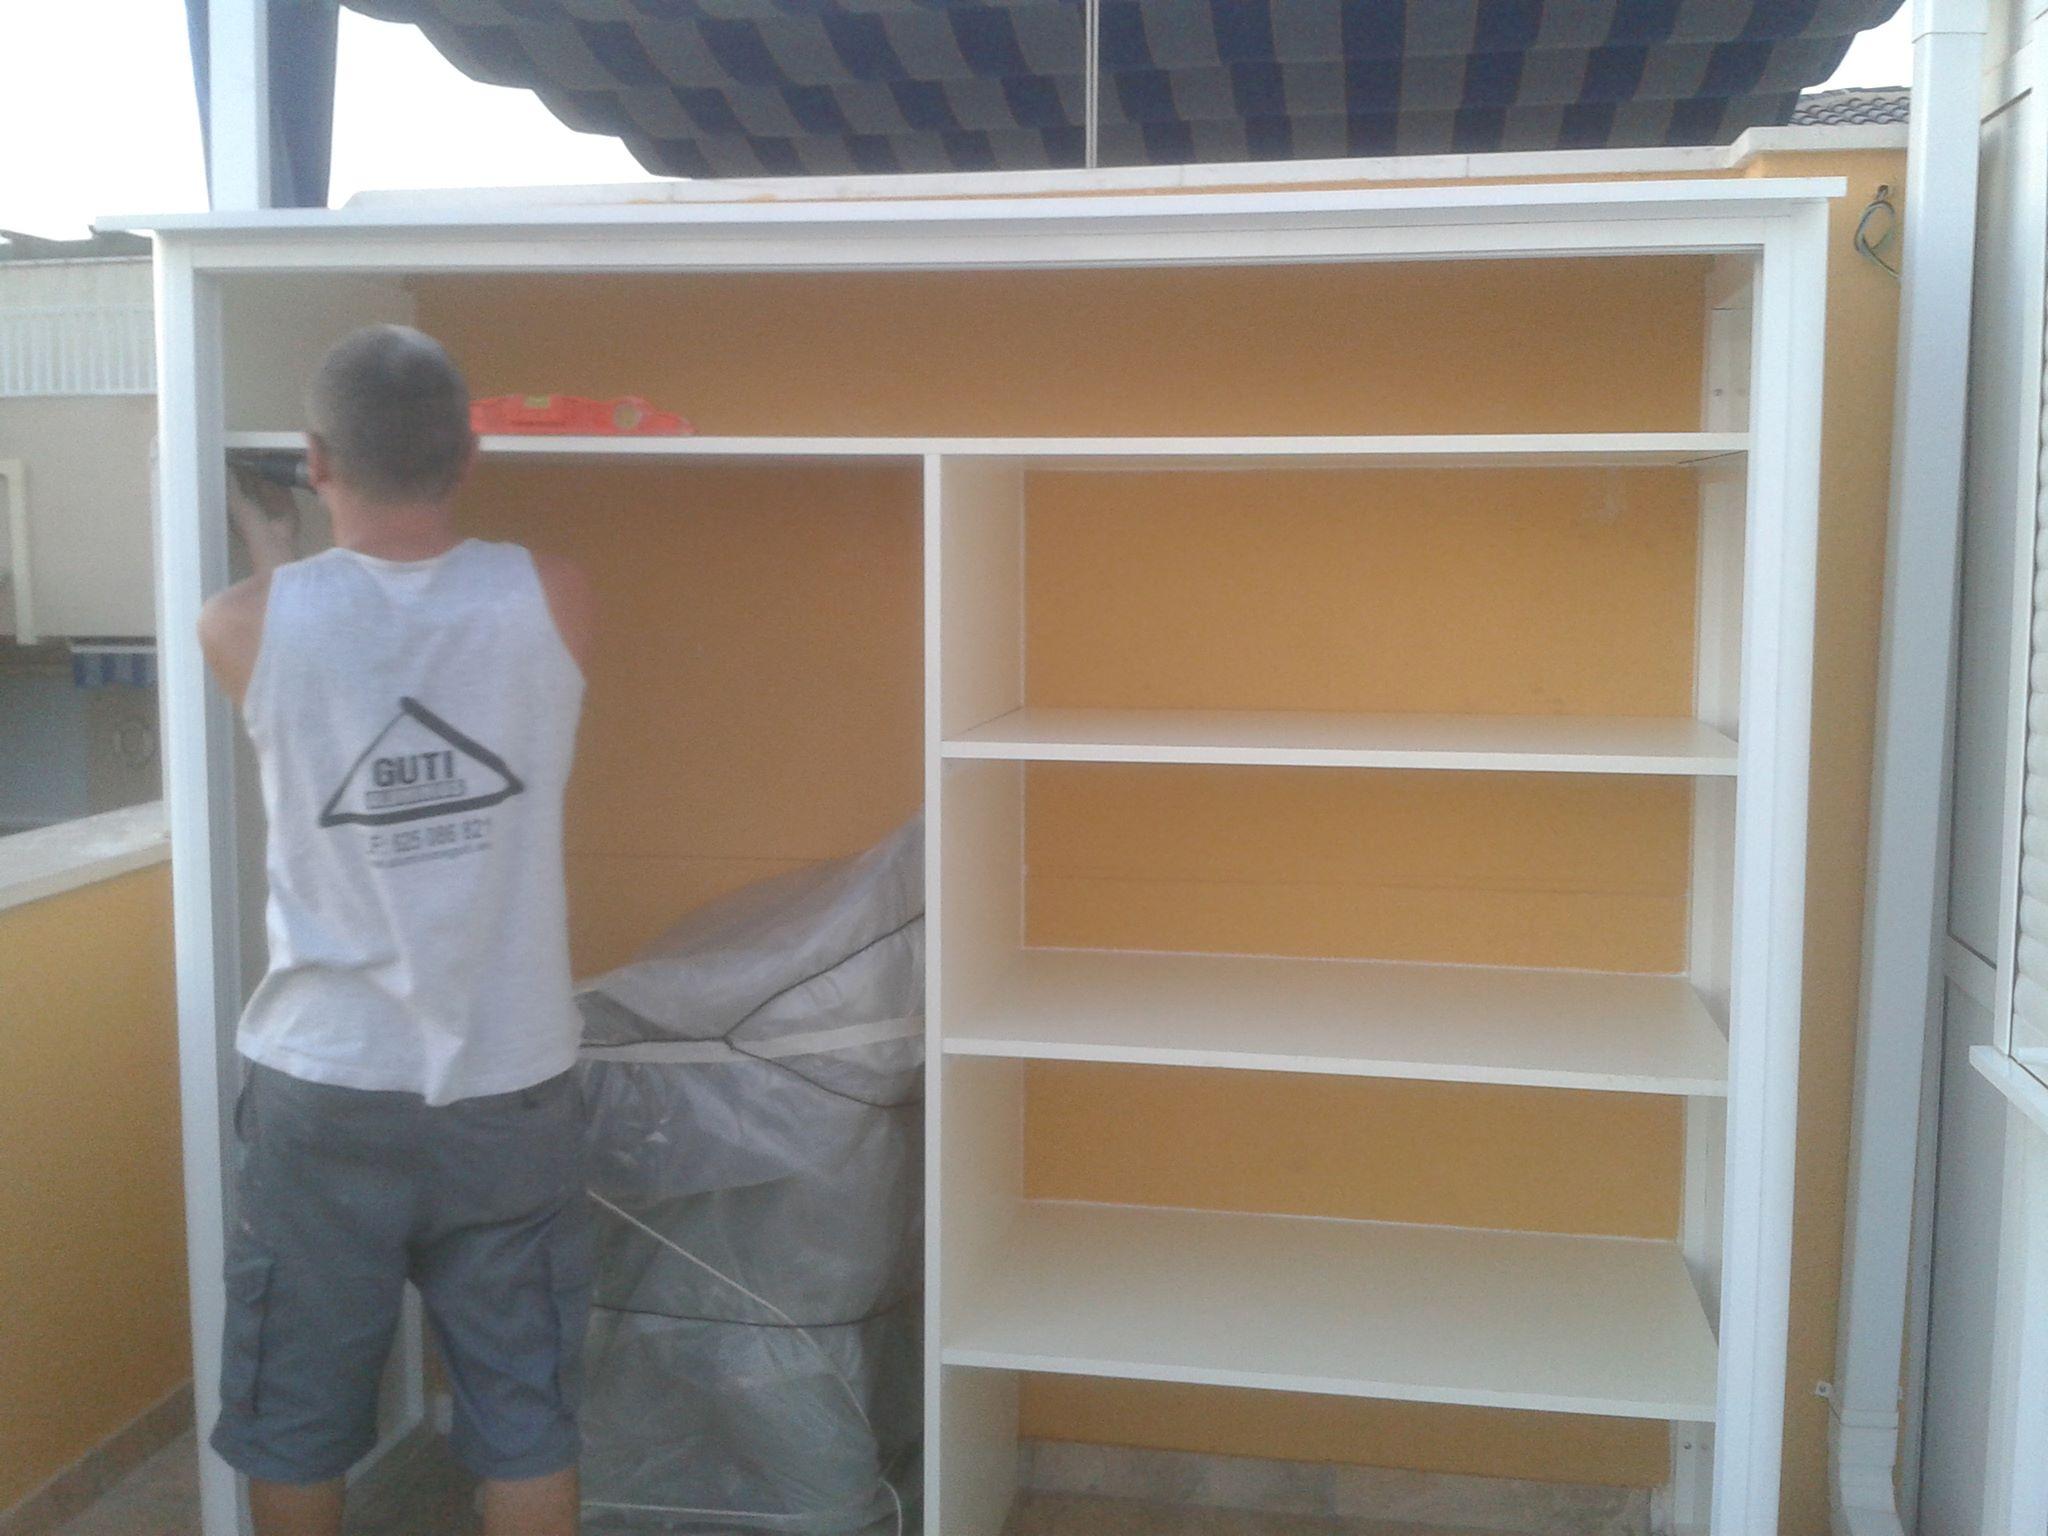 Armarios de aluminio blanco armario de aluminio para exterior con tejado y puertas - Armarios exterior madera ...